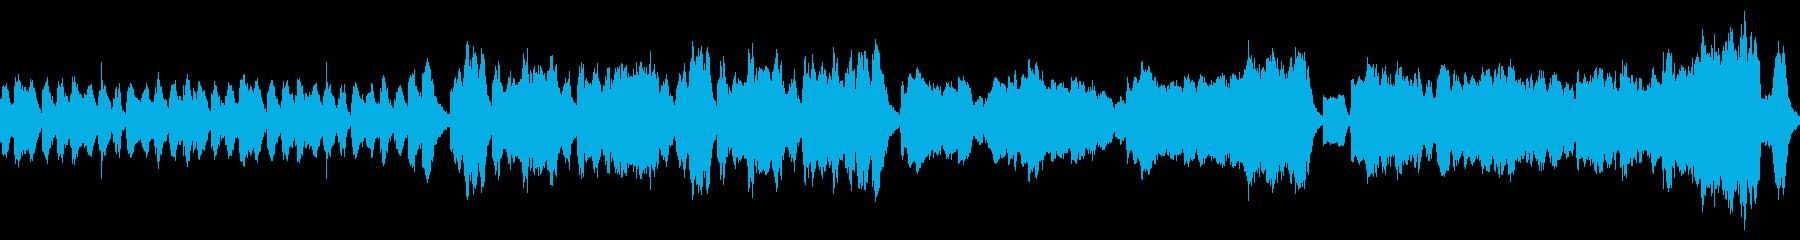 可愛らしくほのぼのとしたクラシカルな曲の再生済みの波形